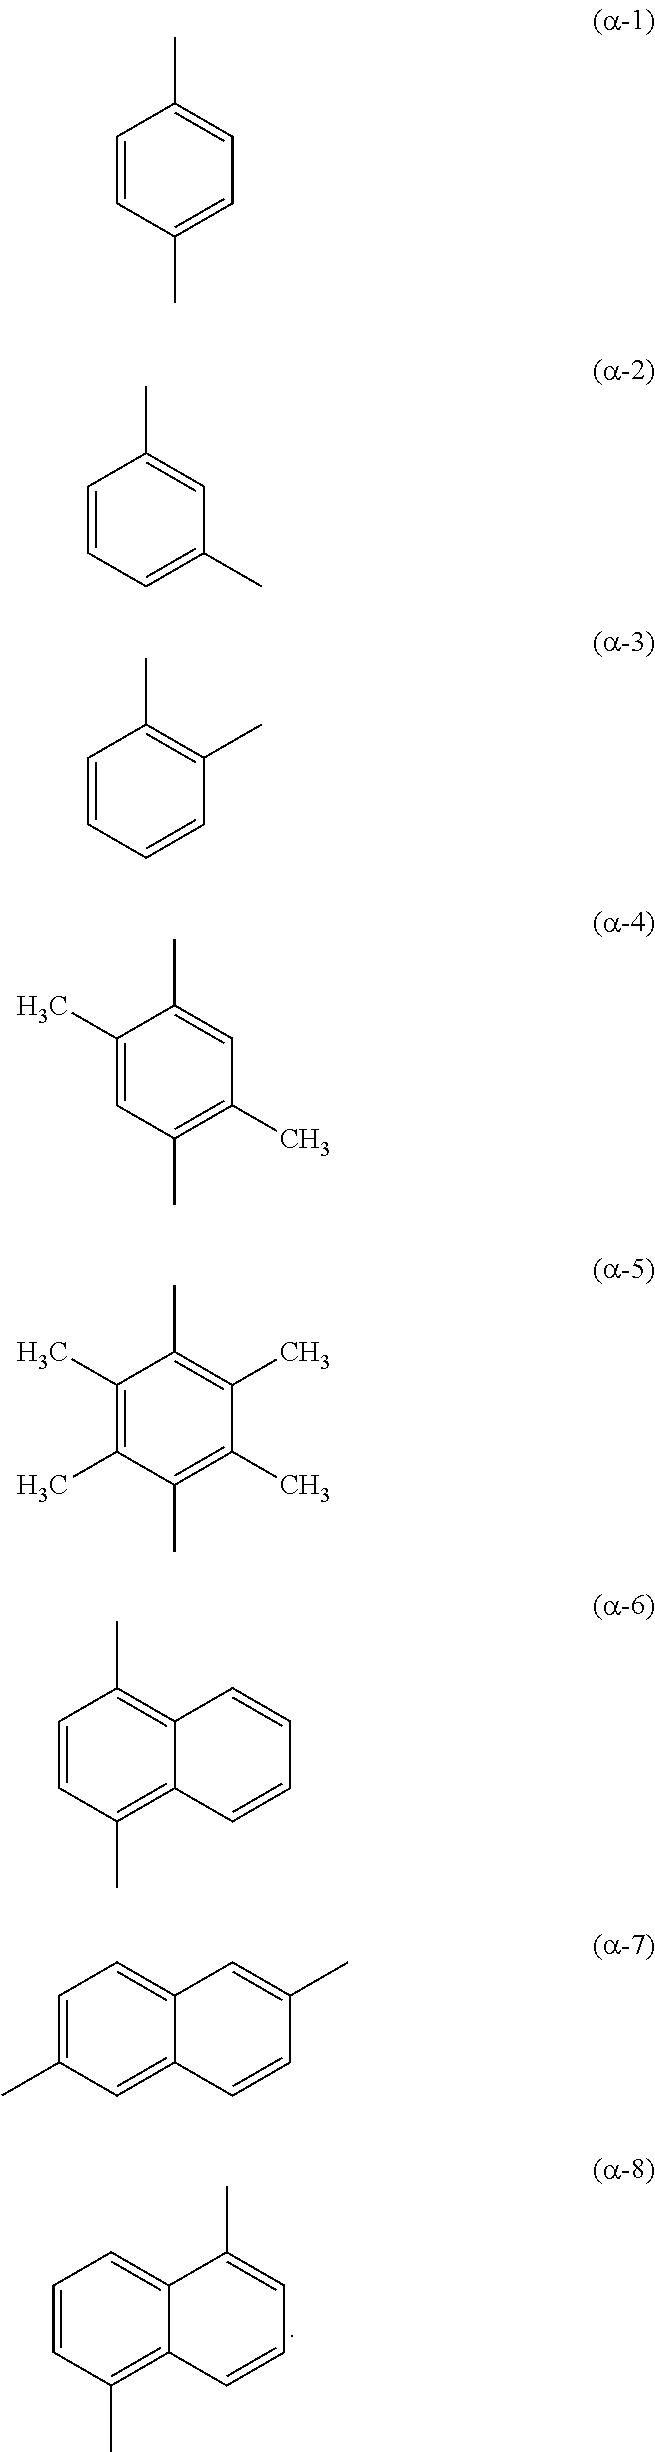 Figure US09240558-20160119-C00078